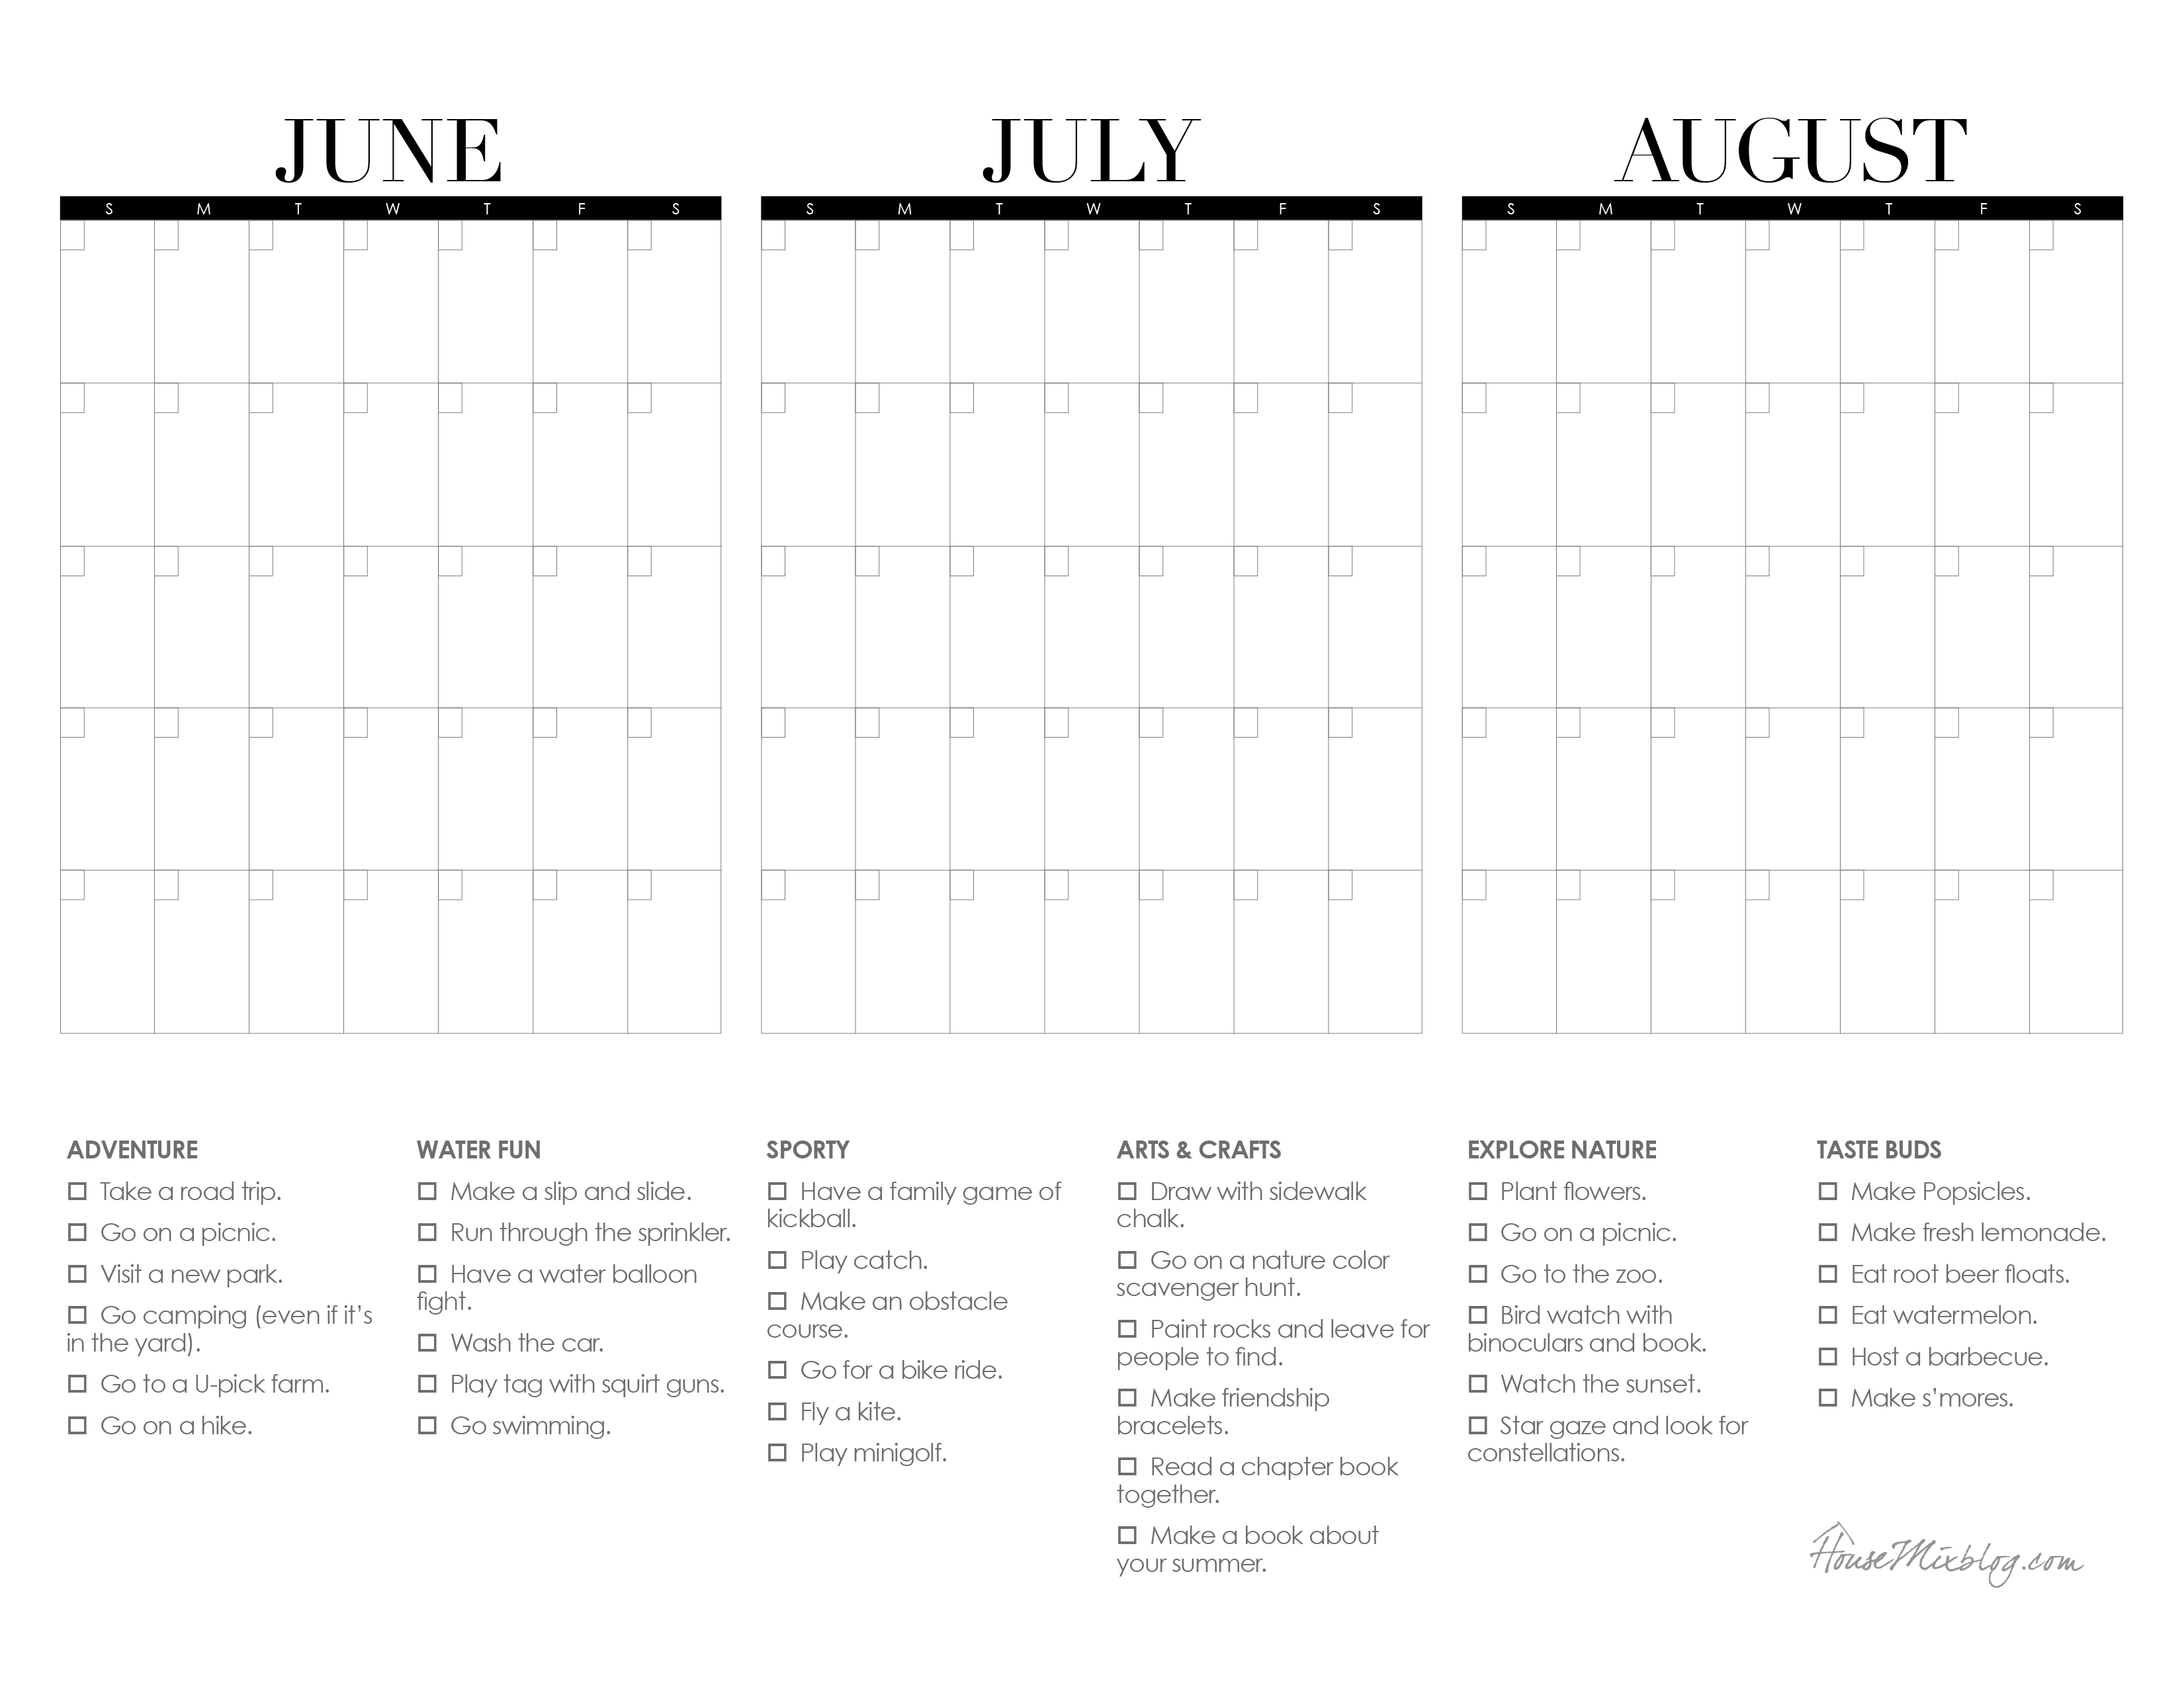 Summer Calendar Printable With Bucketlist   House Mix